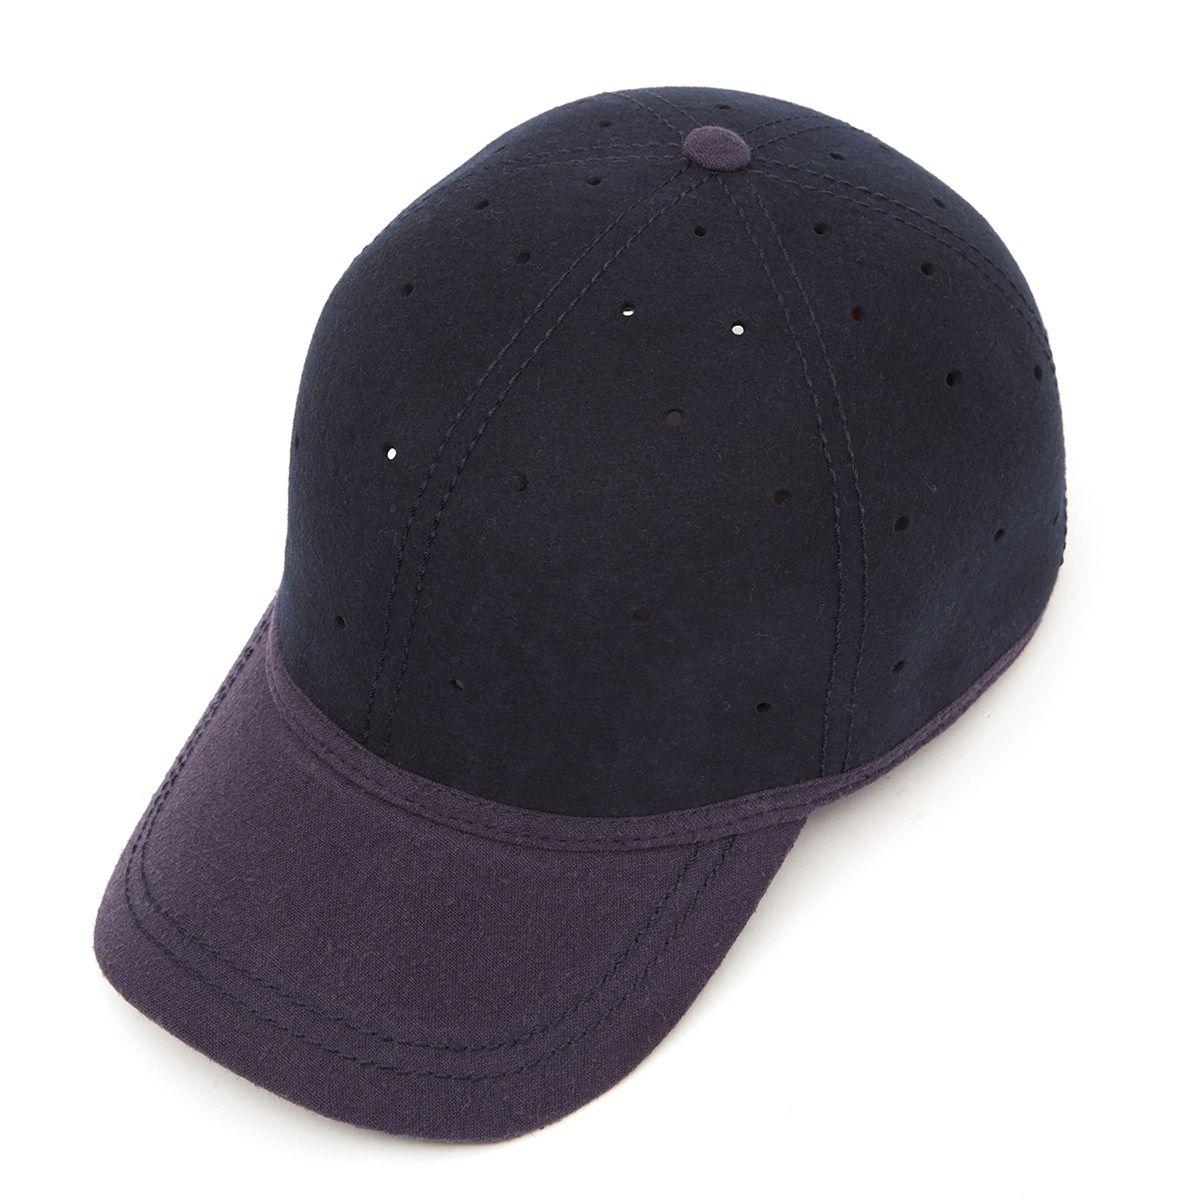 top design online retailer best service Ball cap (perforated) with heavy linen peak